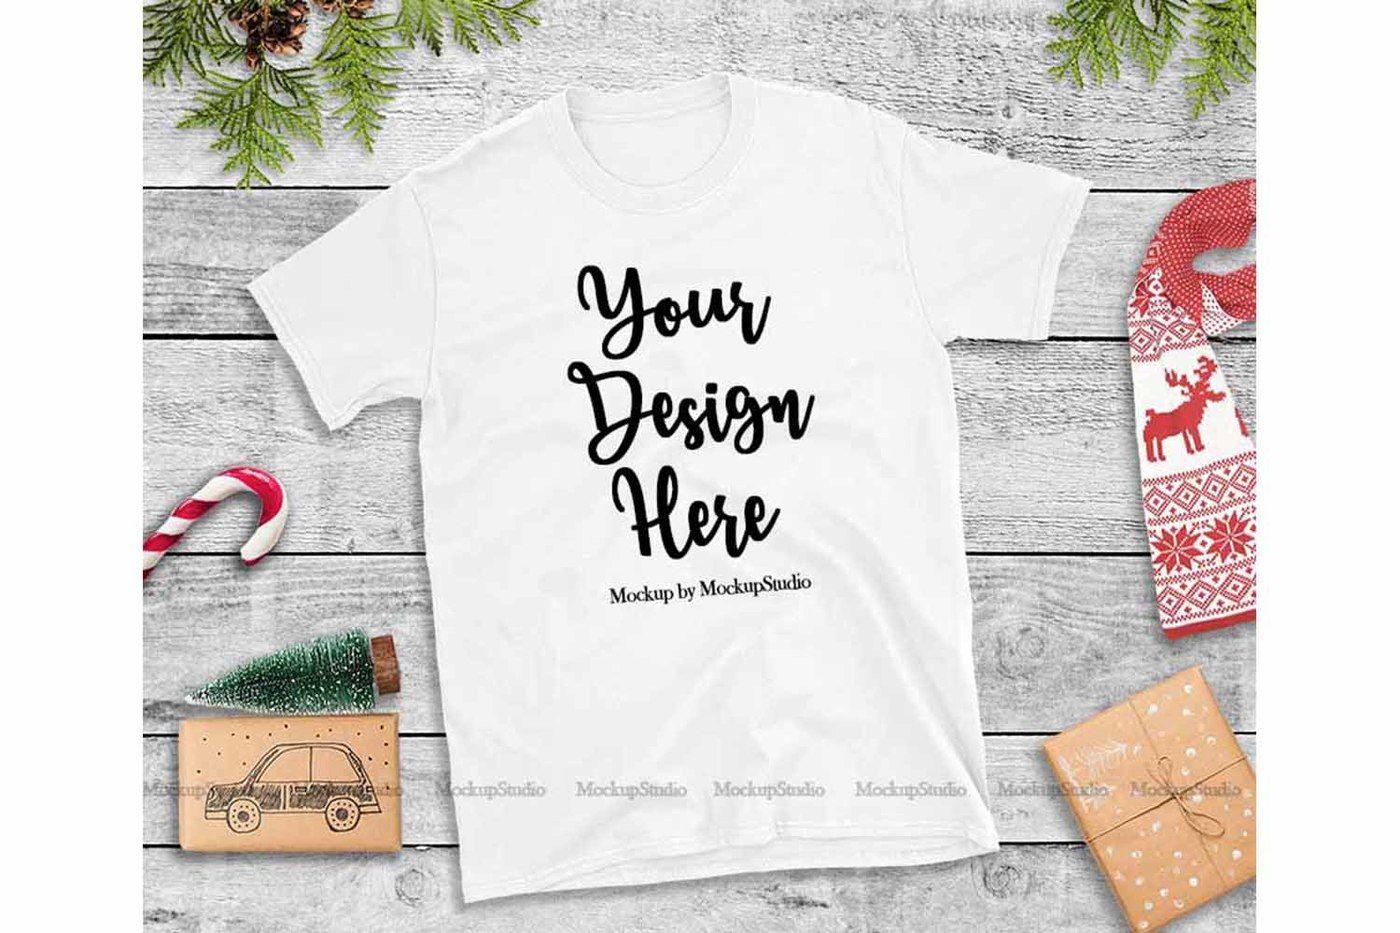 White Christmas Tshirt Mockup Flat Lay Holiday Shirt Display By